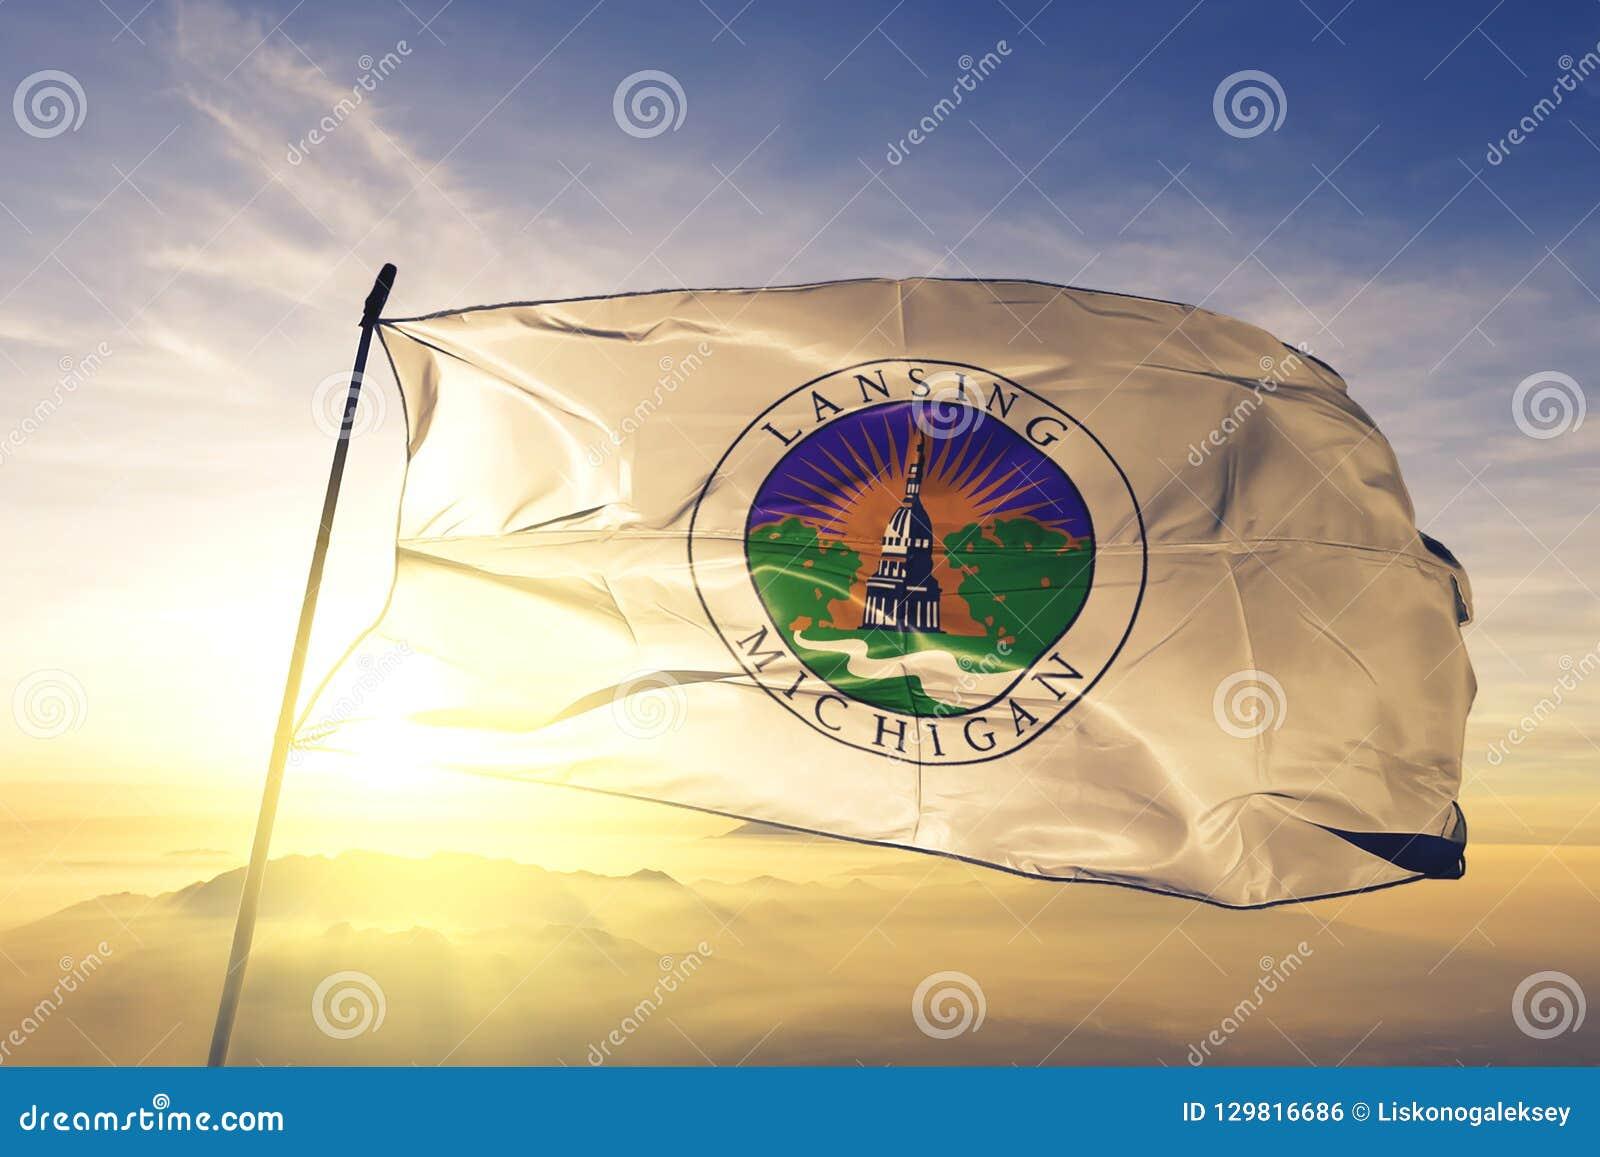 capitale de ville de lansing du michigan du tissu de tissu de textile de drapeau des etats unis ondulant sur le brouillard superi illustration stock illustration du ville capitale 129816686 dreamstime